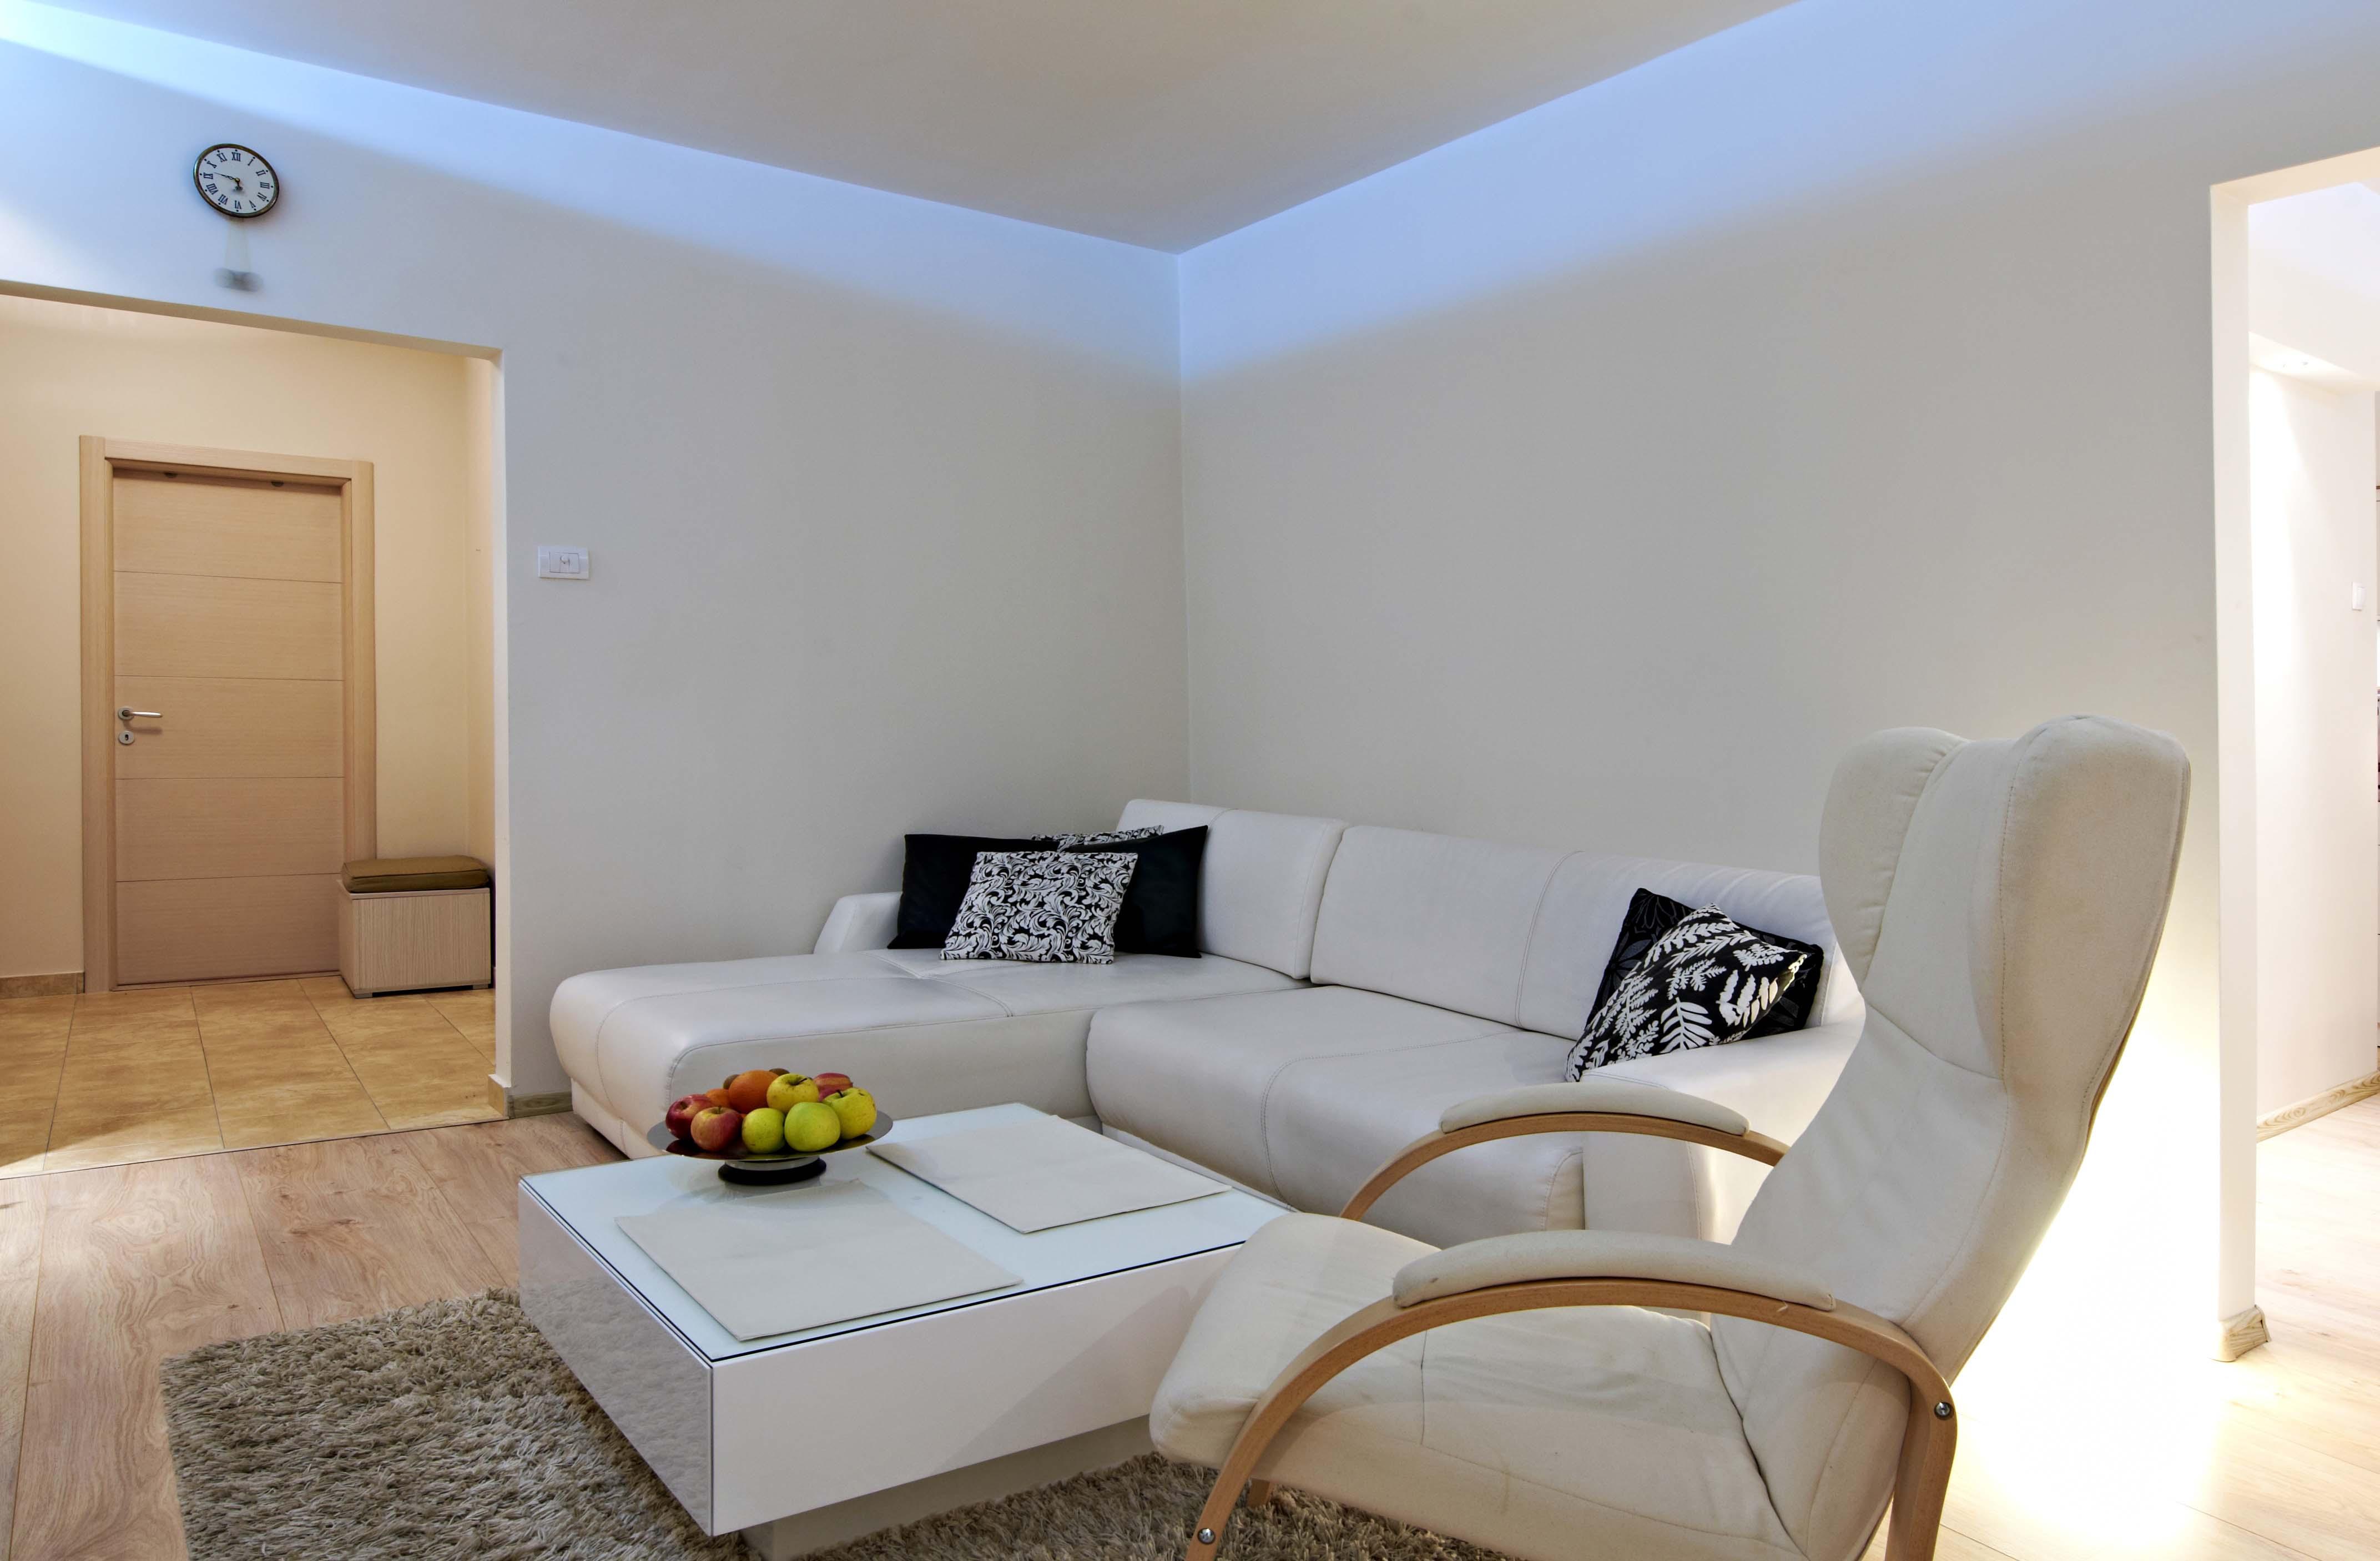 saln con tira de led iluminado la pared - Iluminacion Led Salon